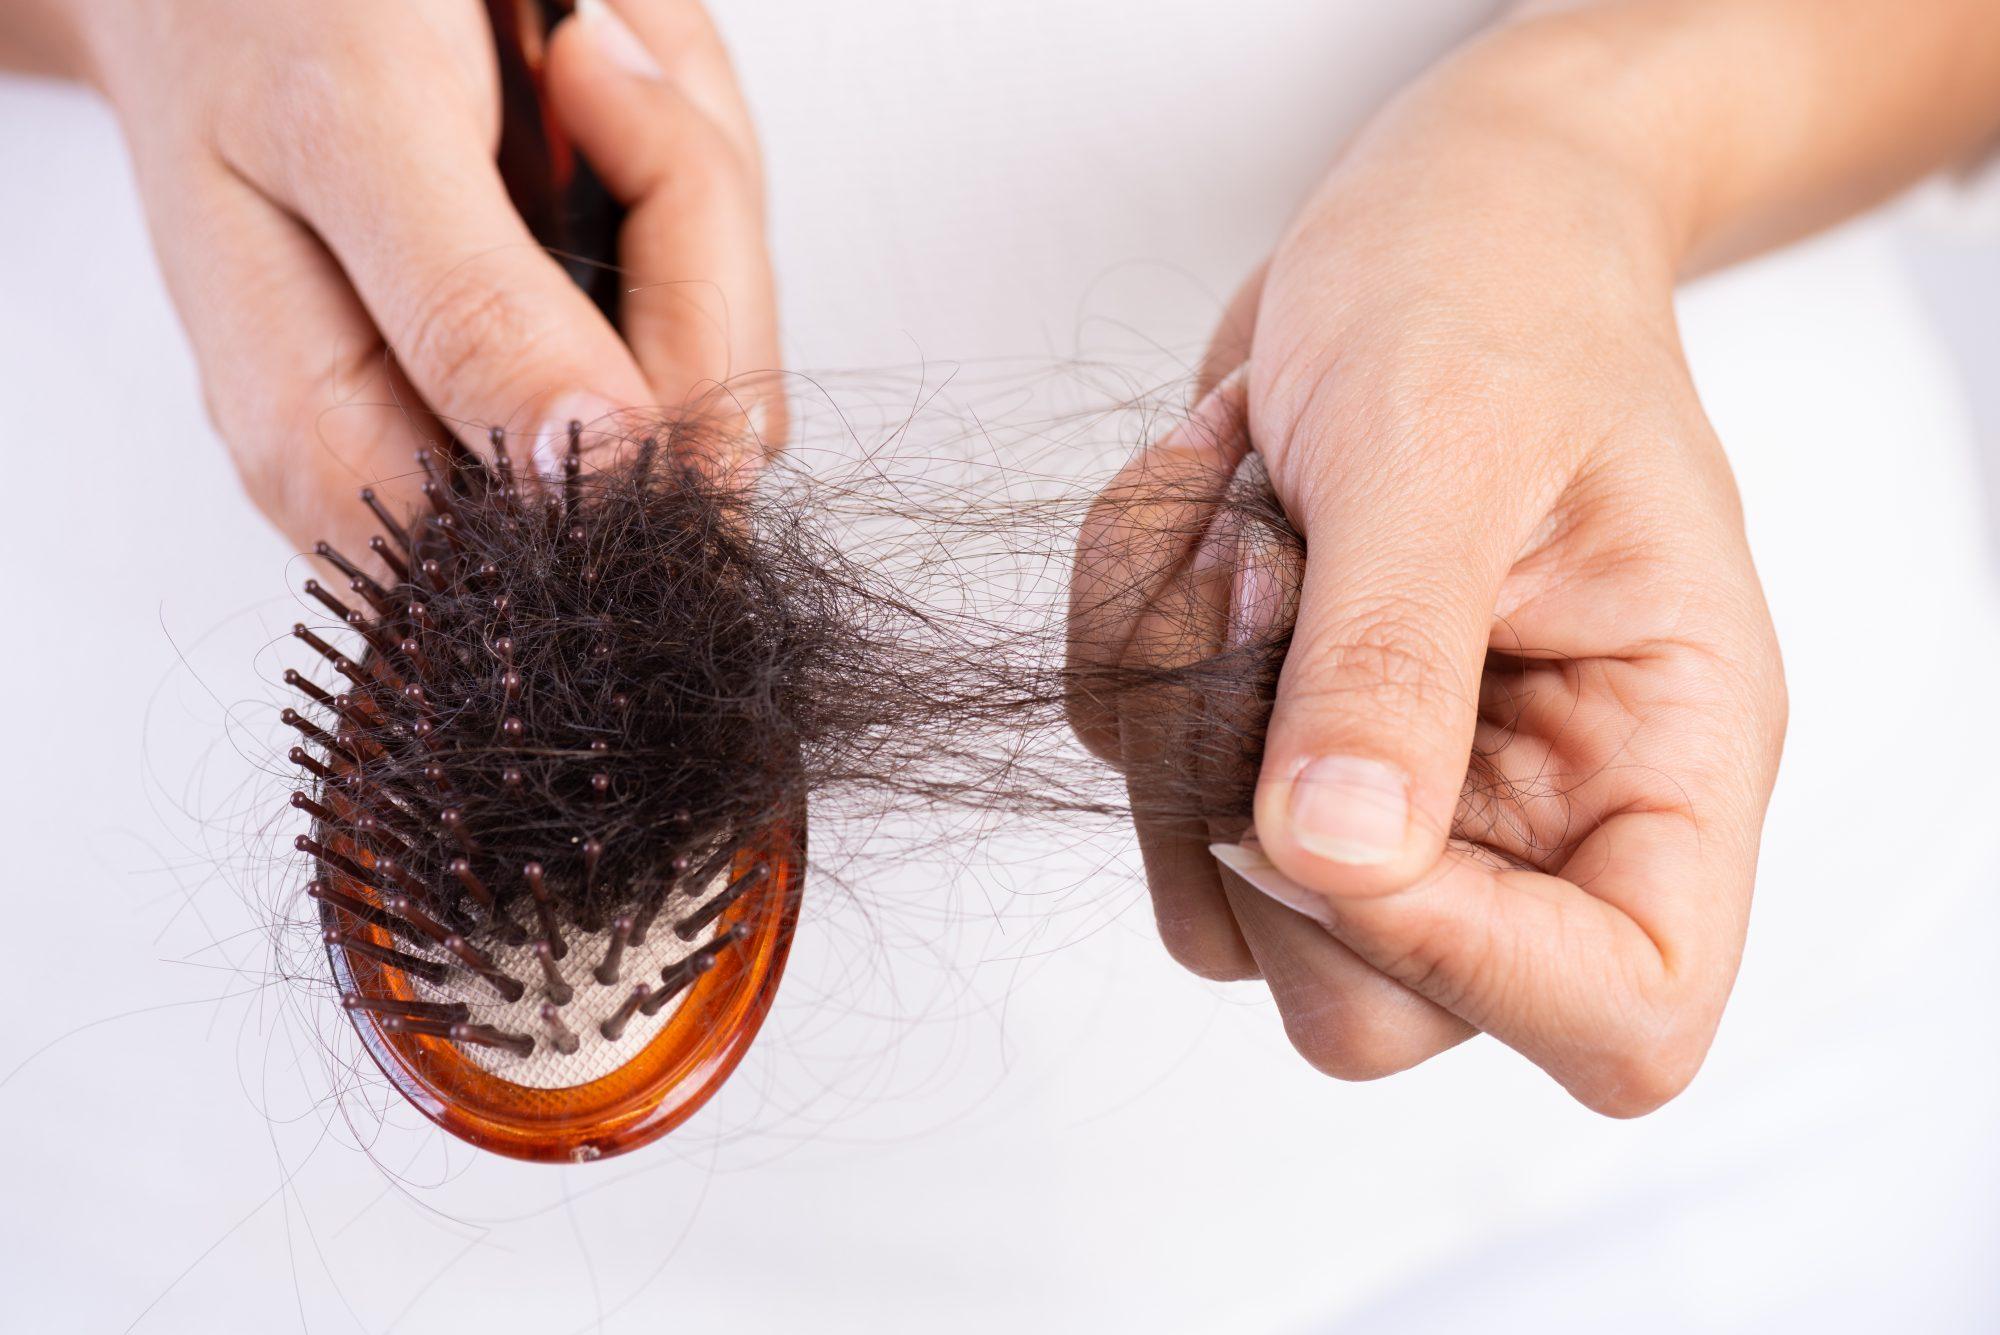 به روش طب سنتی از ریزش مو جلوگیری کنید